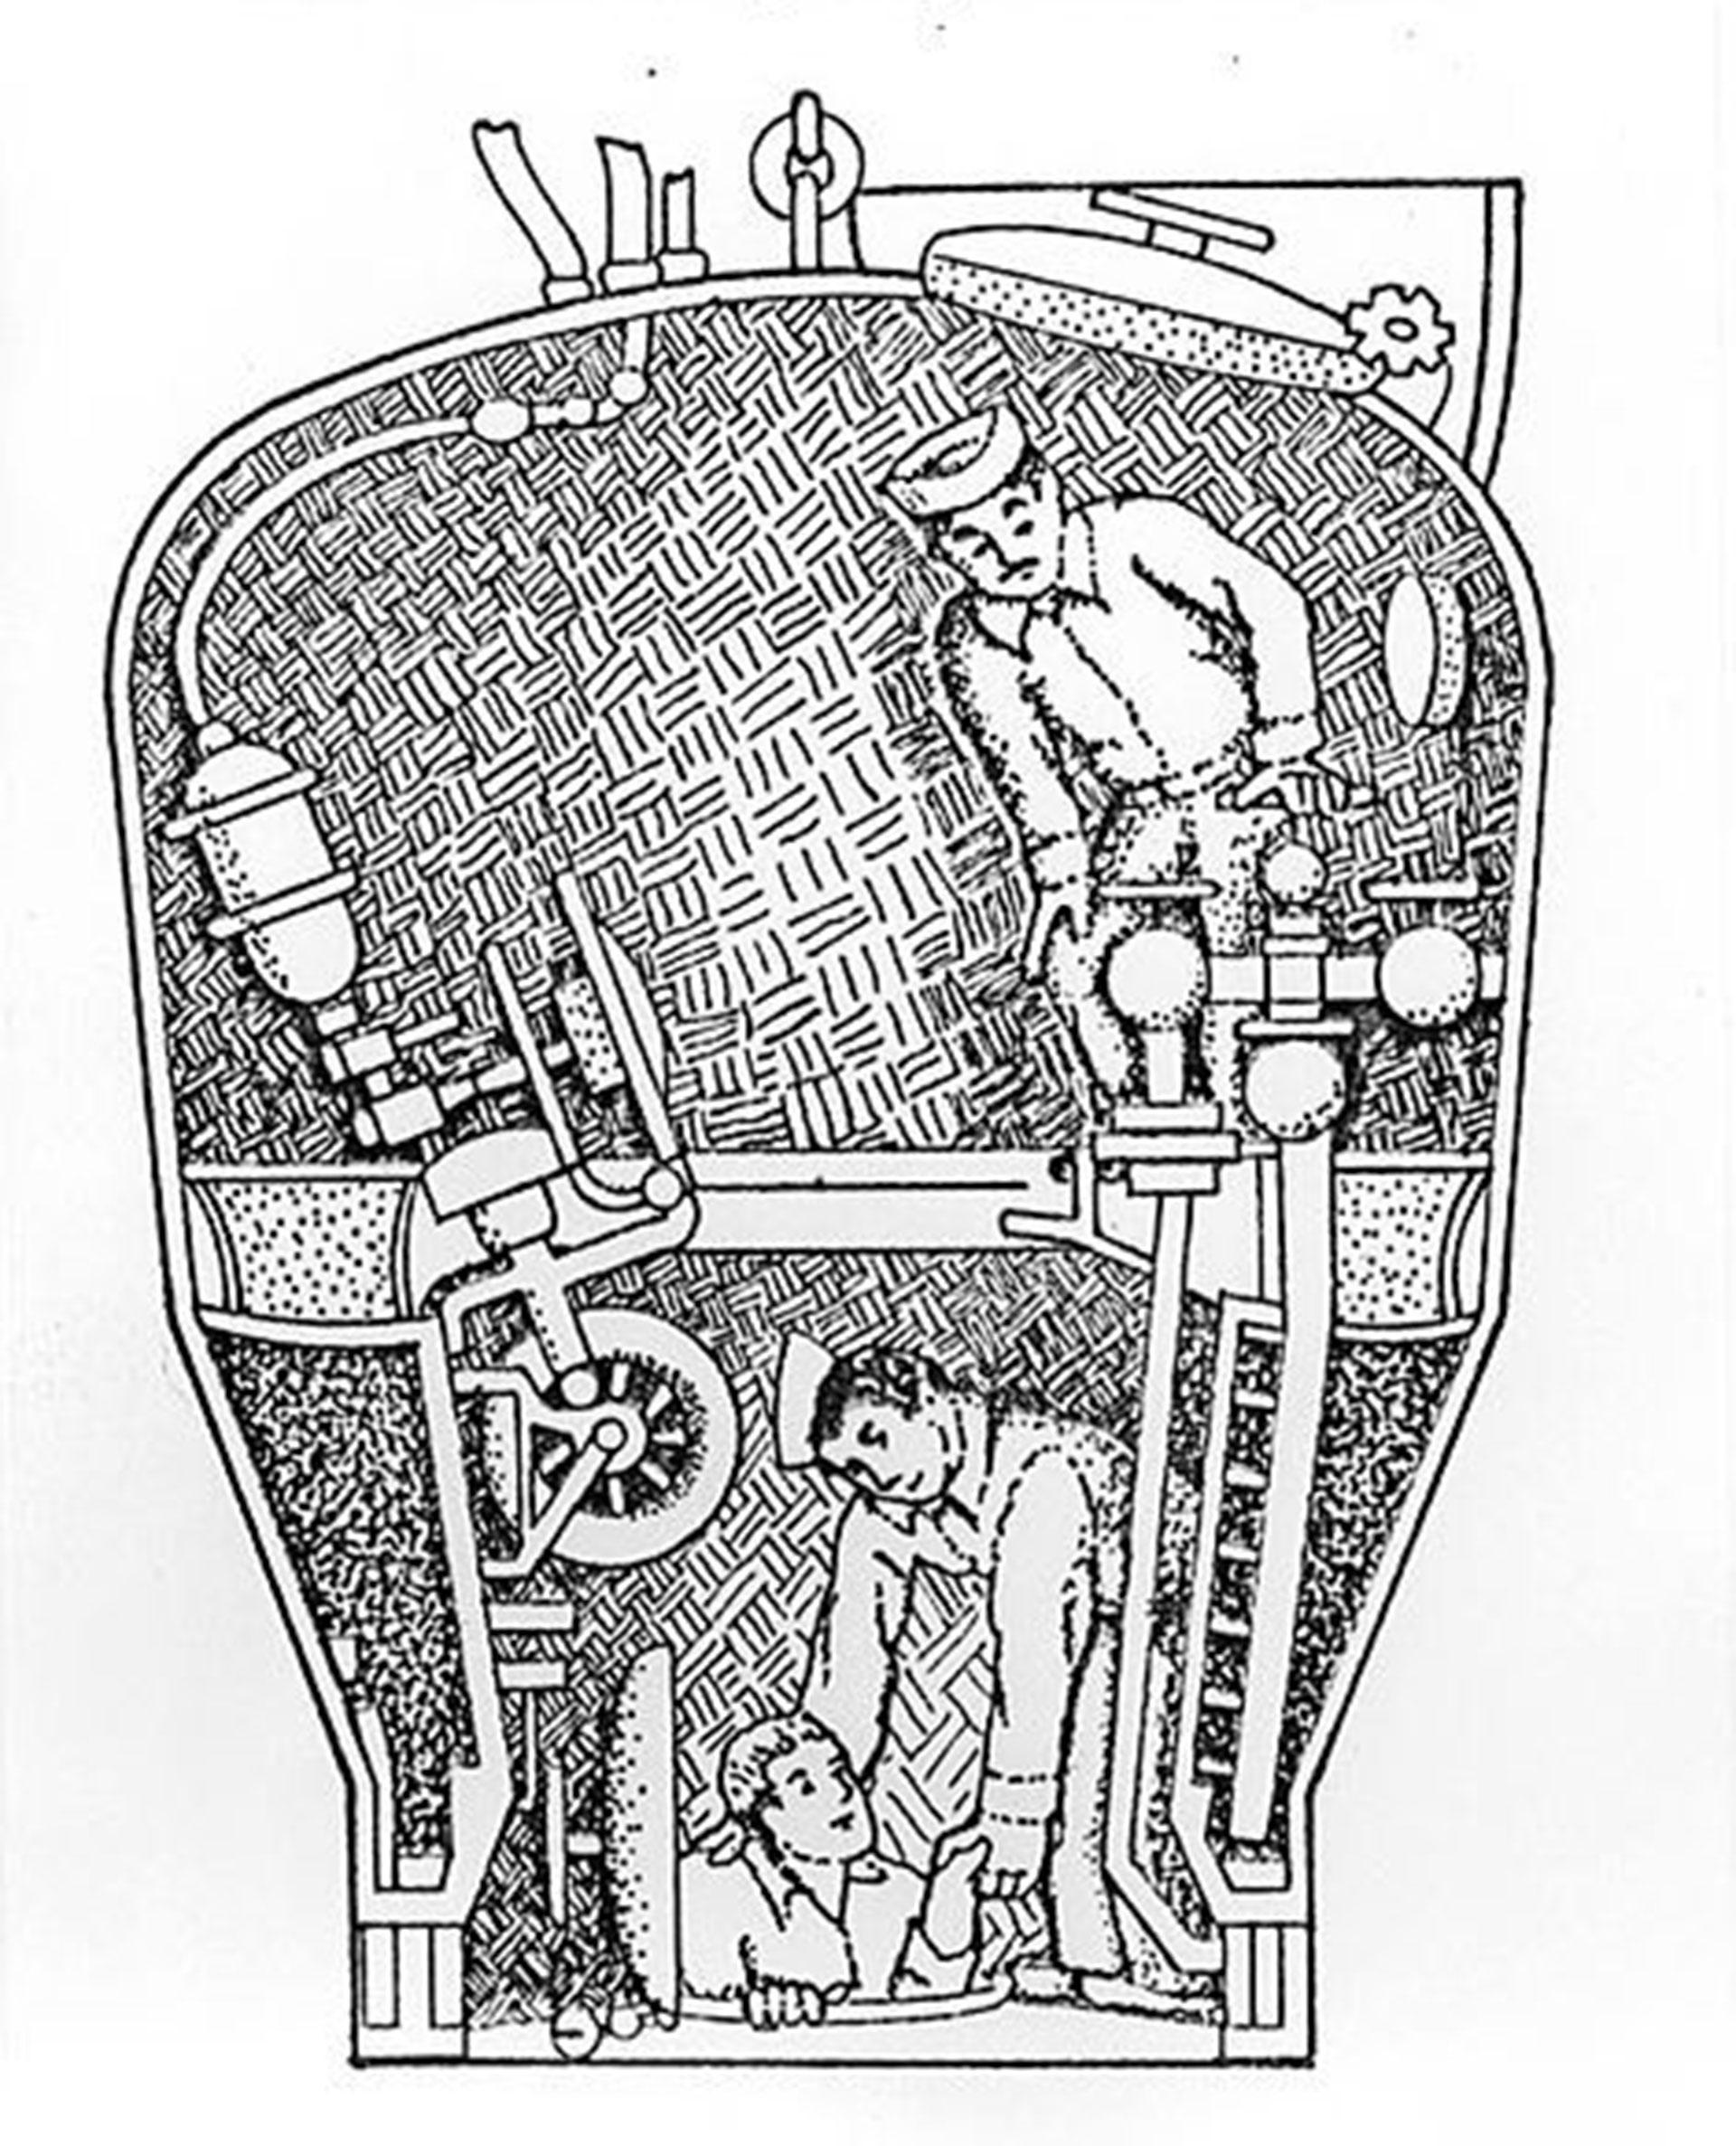 El diseño de aquella época de cómo funcionaba la cámara de rescate